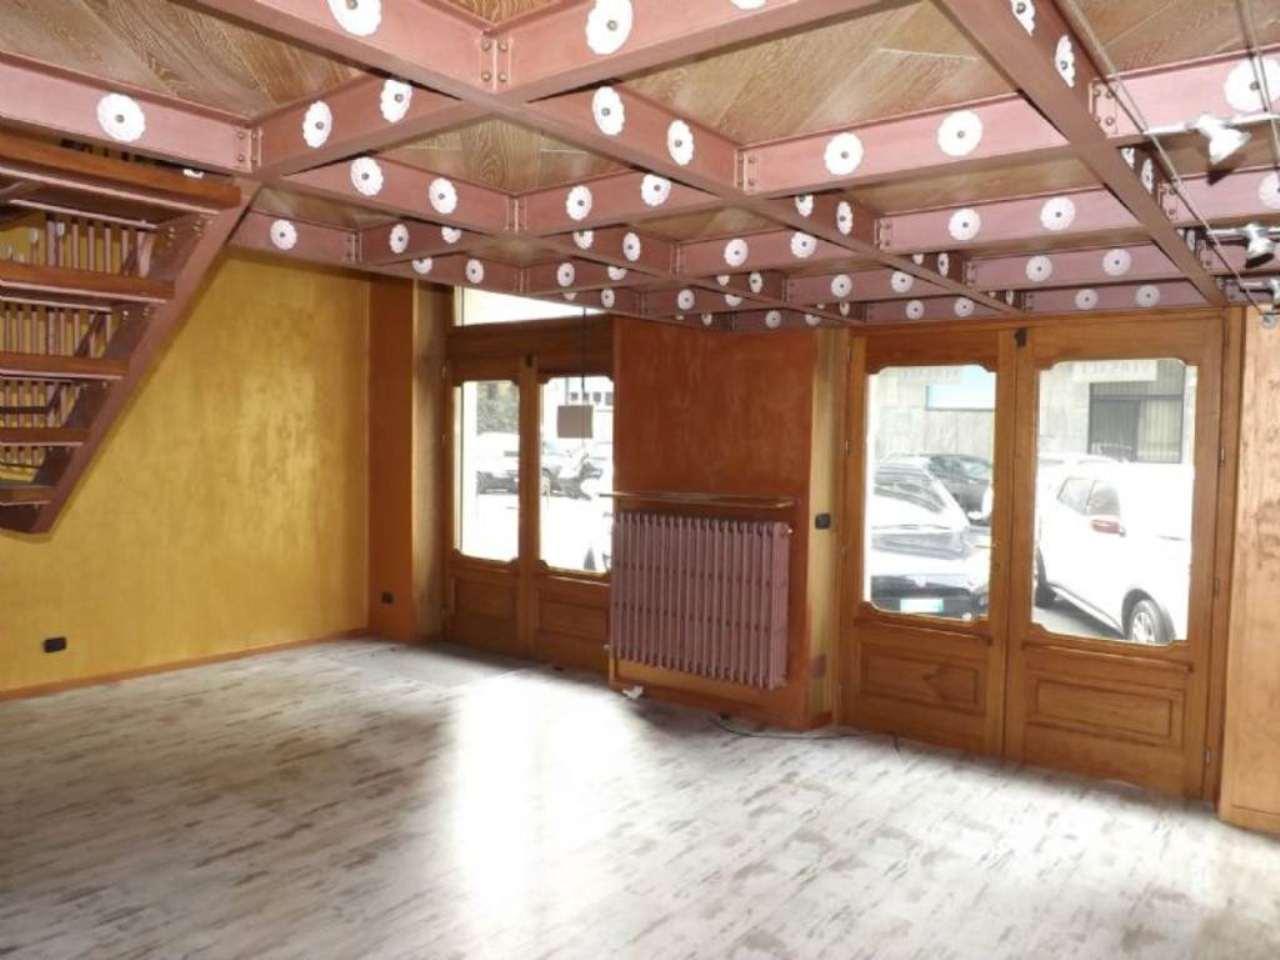 Negozio / Locale in vendita a Torino, 1 locali, zona Zona: 9 . San Donato, Cit Turin, Campidoglio, , prezzo € 105.000 | CambioCasa.it